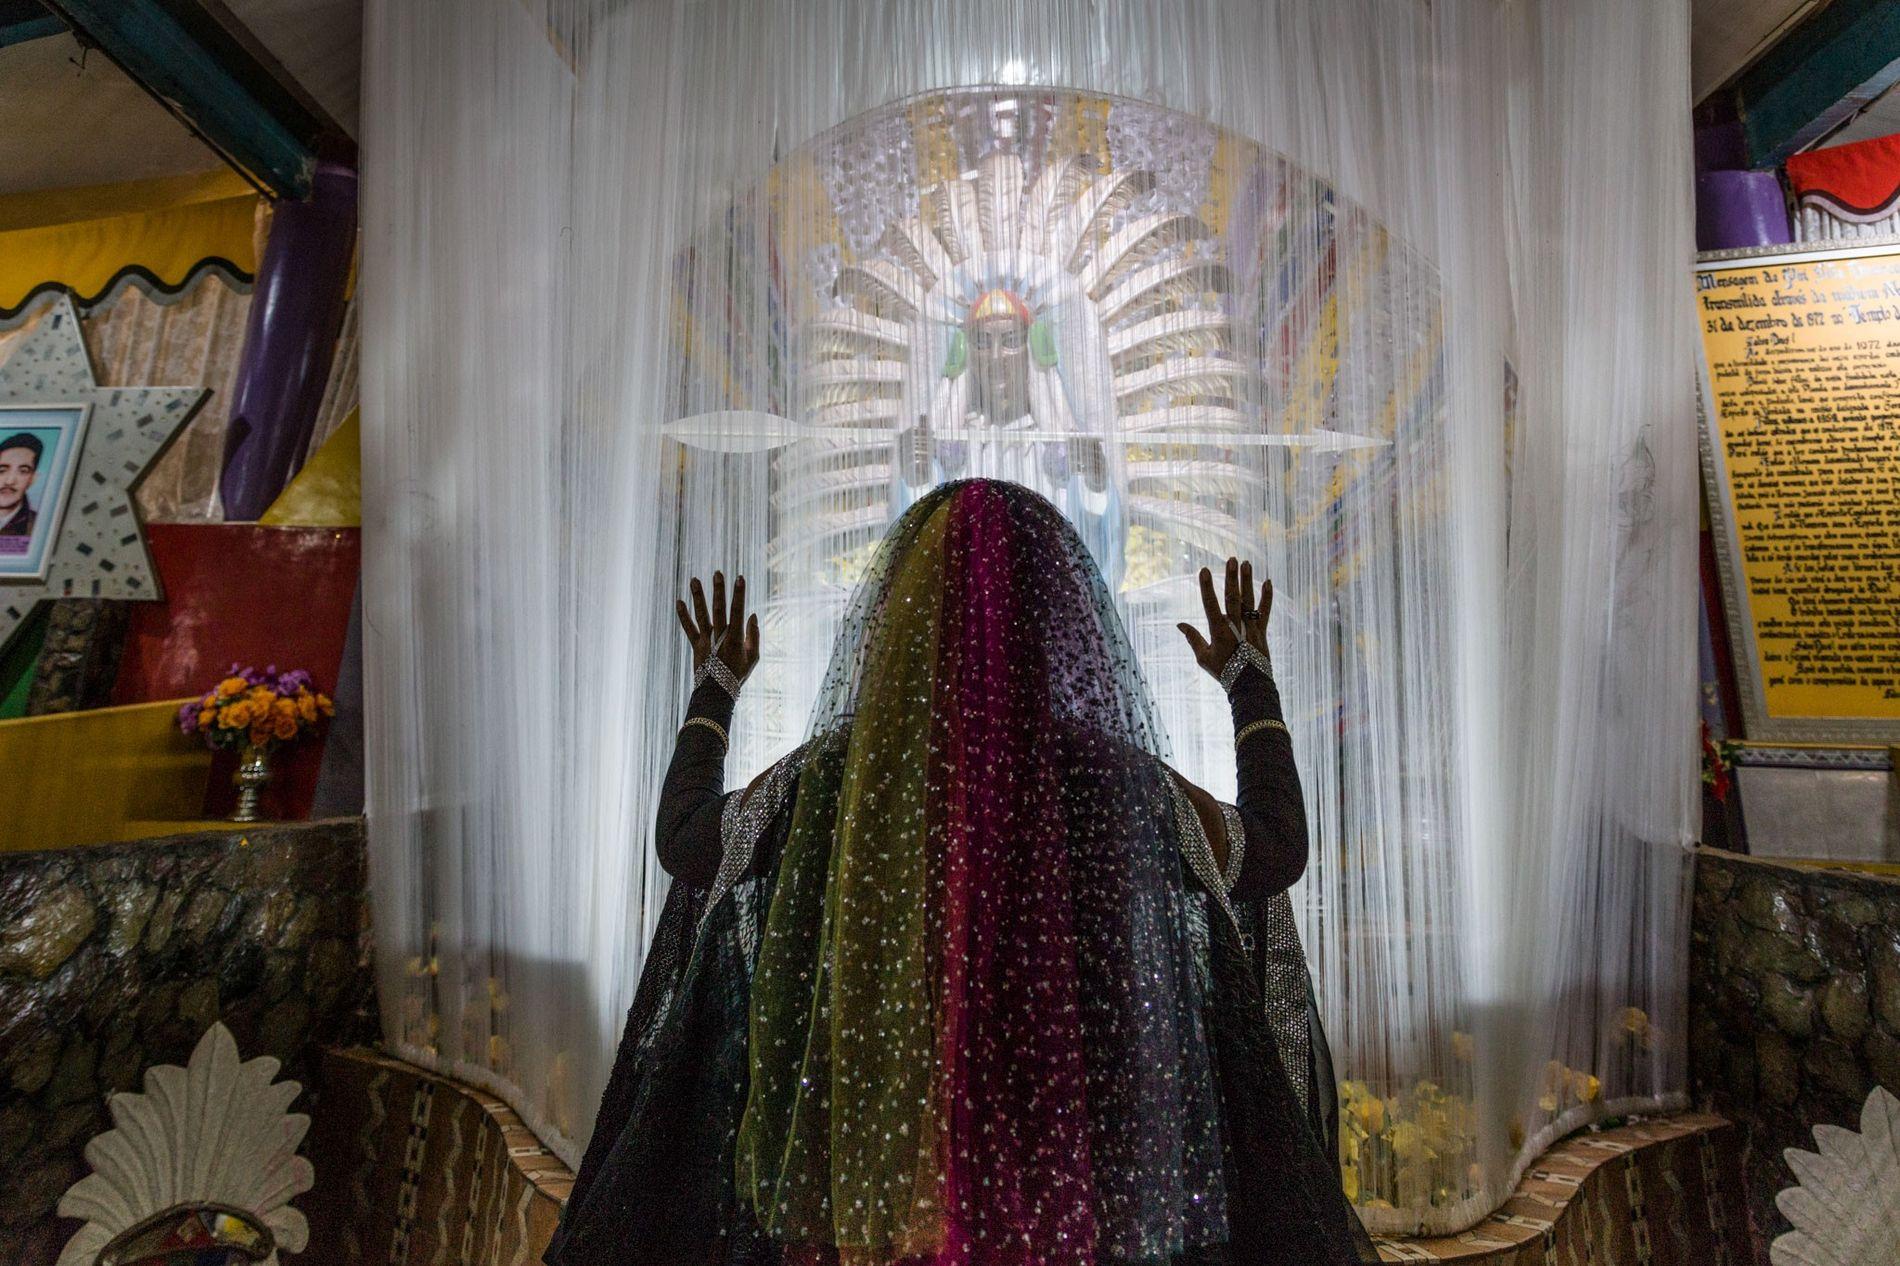 Une adepte de la Vallée de l'aurore prie devant une statue de l'un des chefs spirituels, le chef de la Flêche Blanche.